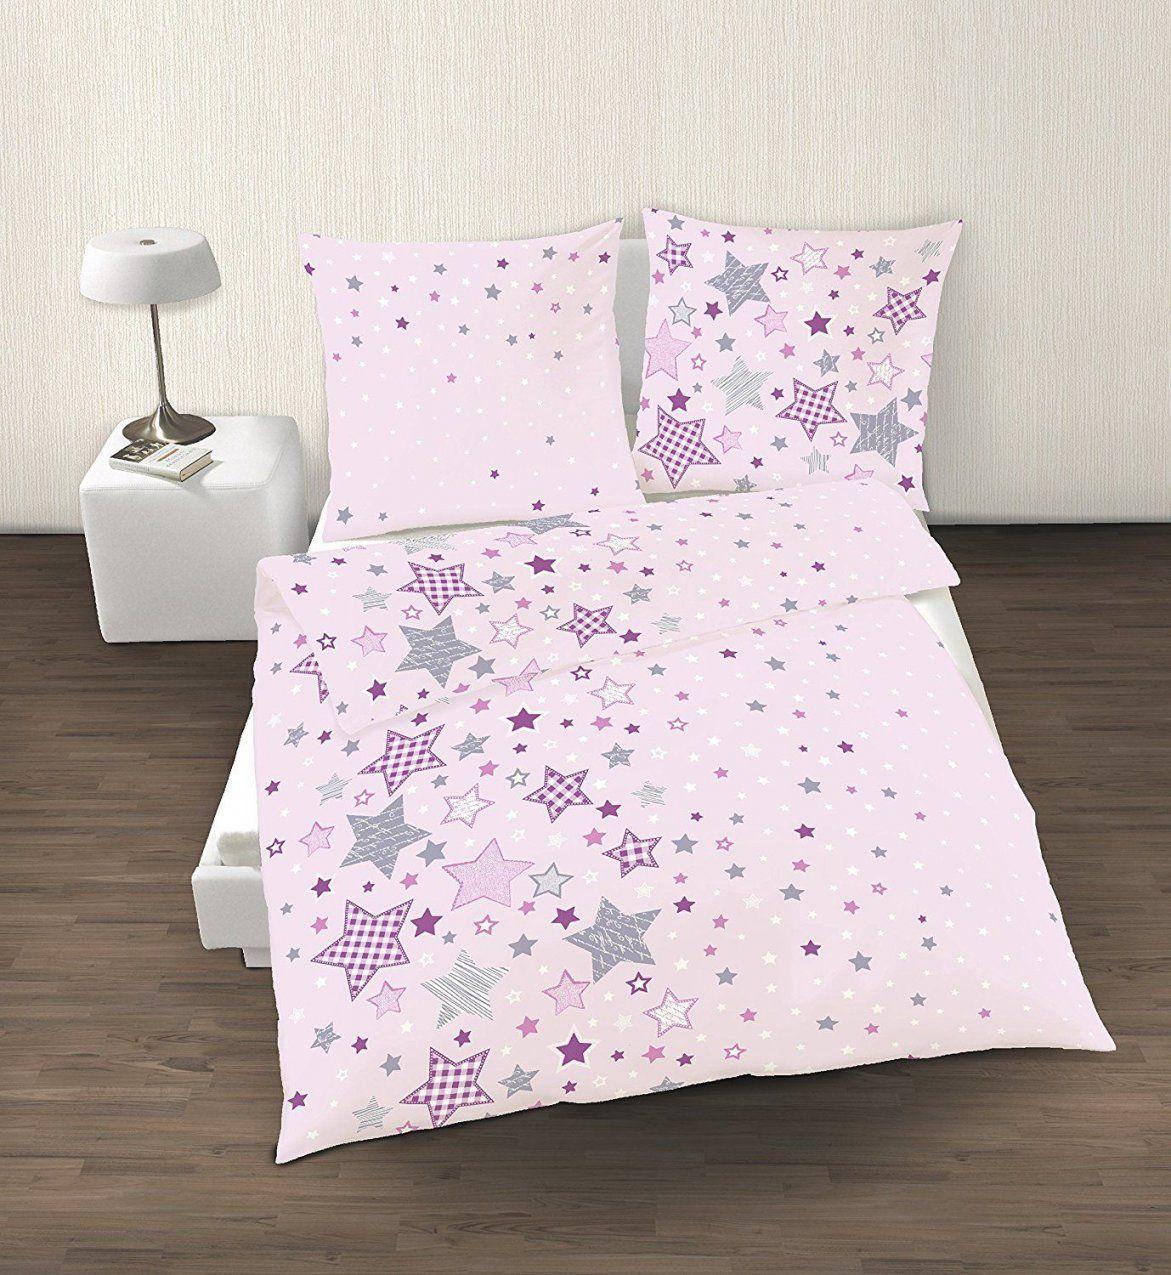 Fein Biber Bettwäsche Sterne Stars In Rosa Lila Grau 2 Tlg  Größe von Biber Bettwäsche Mädchen Bild